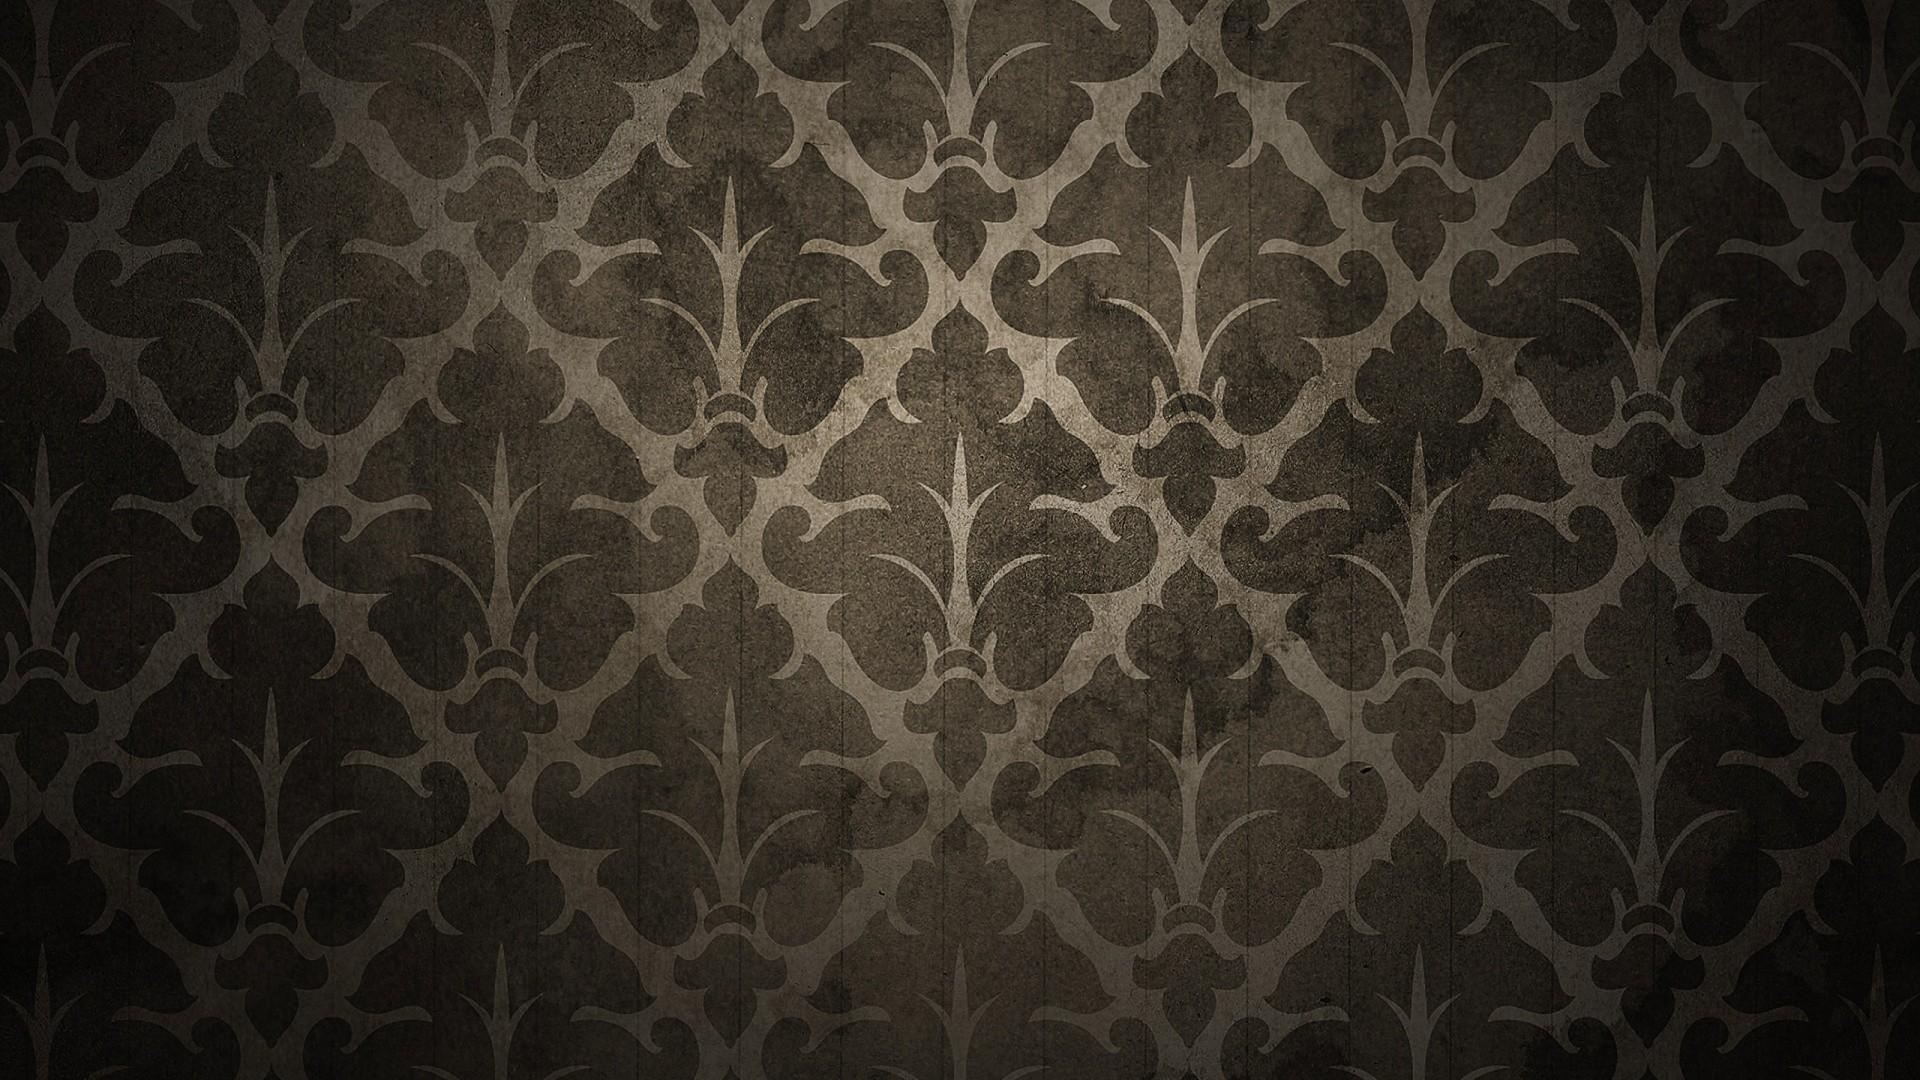 Wallpaper texture, vintage, wall, background, dark